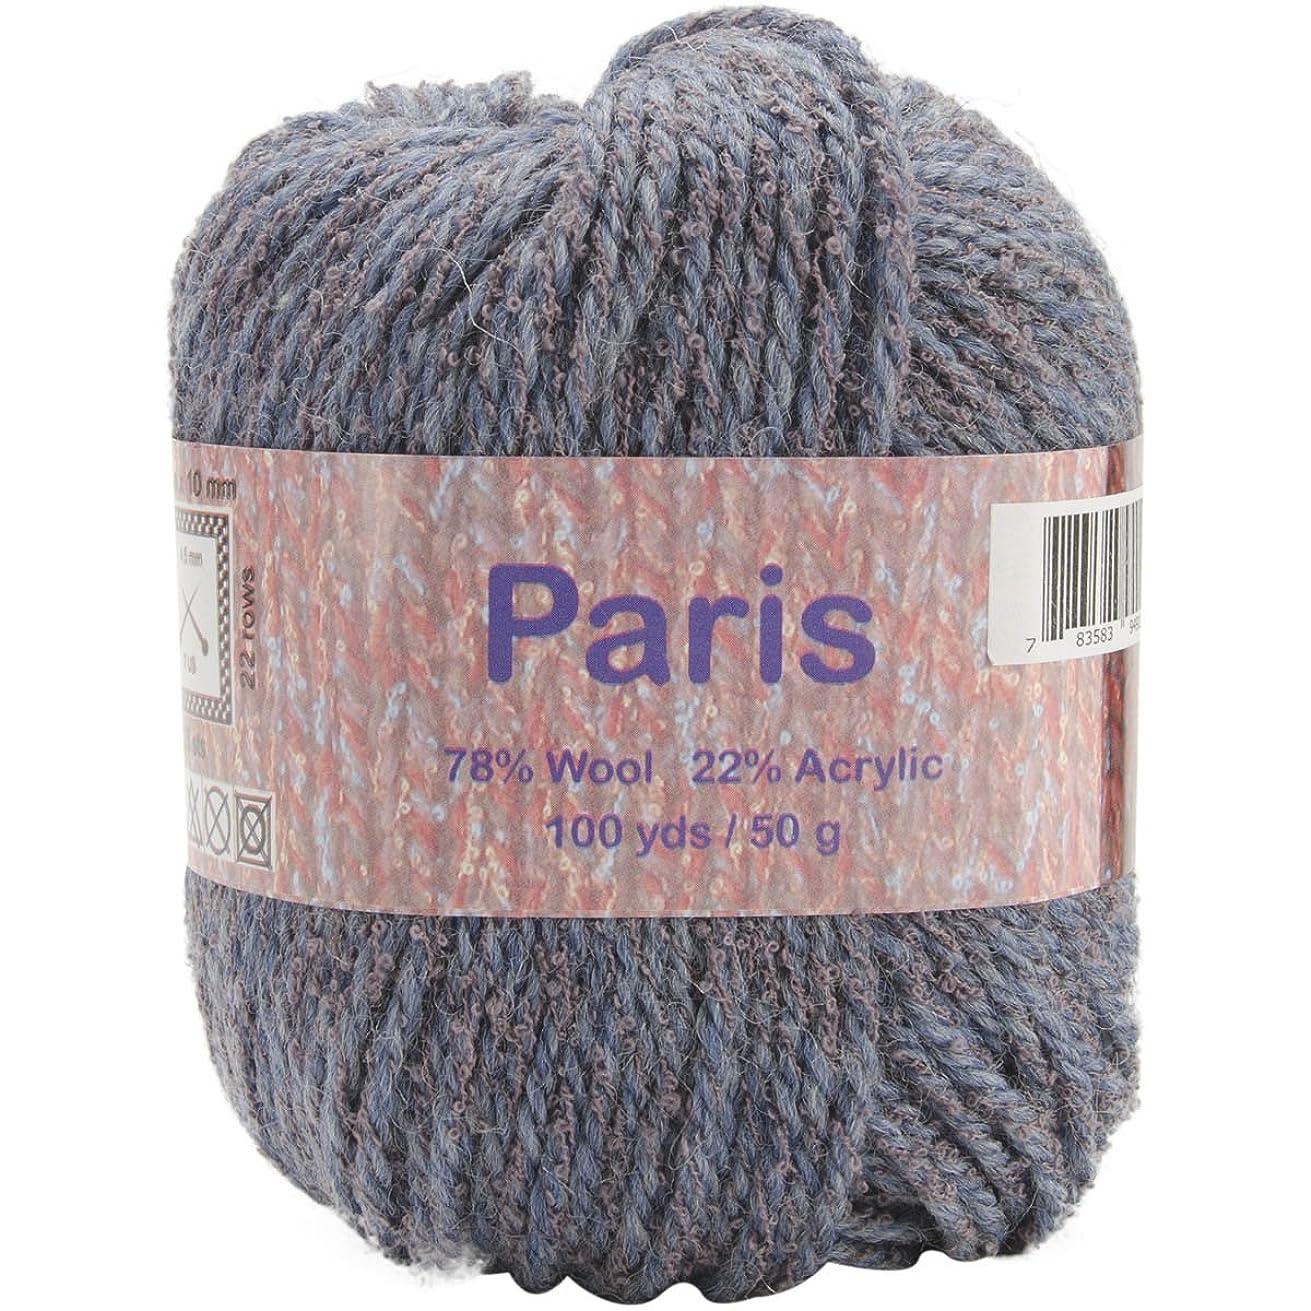 Elegant Yarns Paris Yarn, Slate